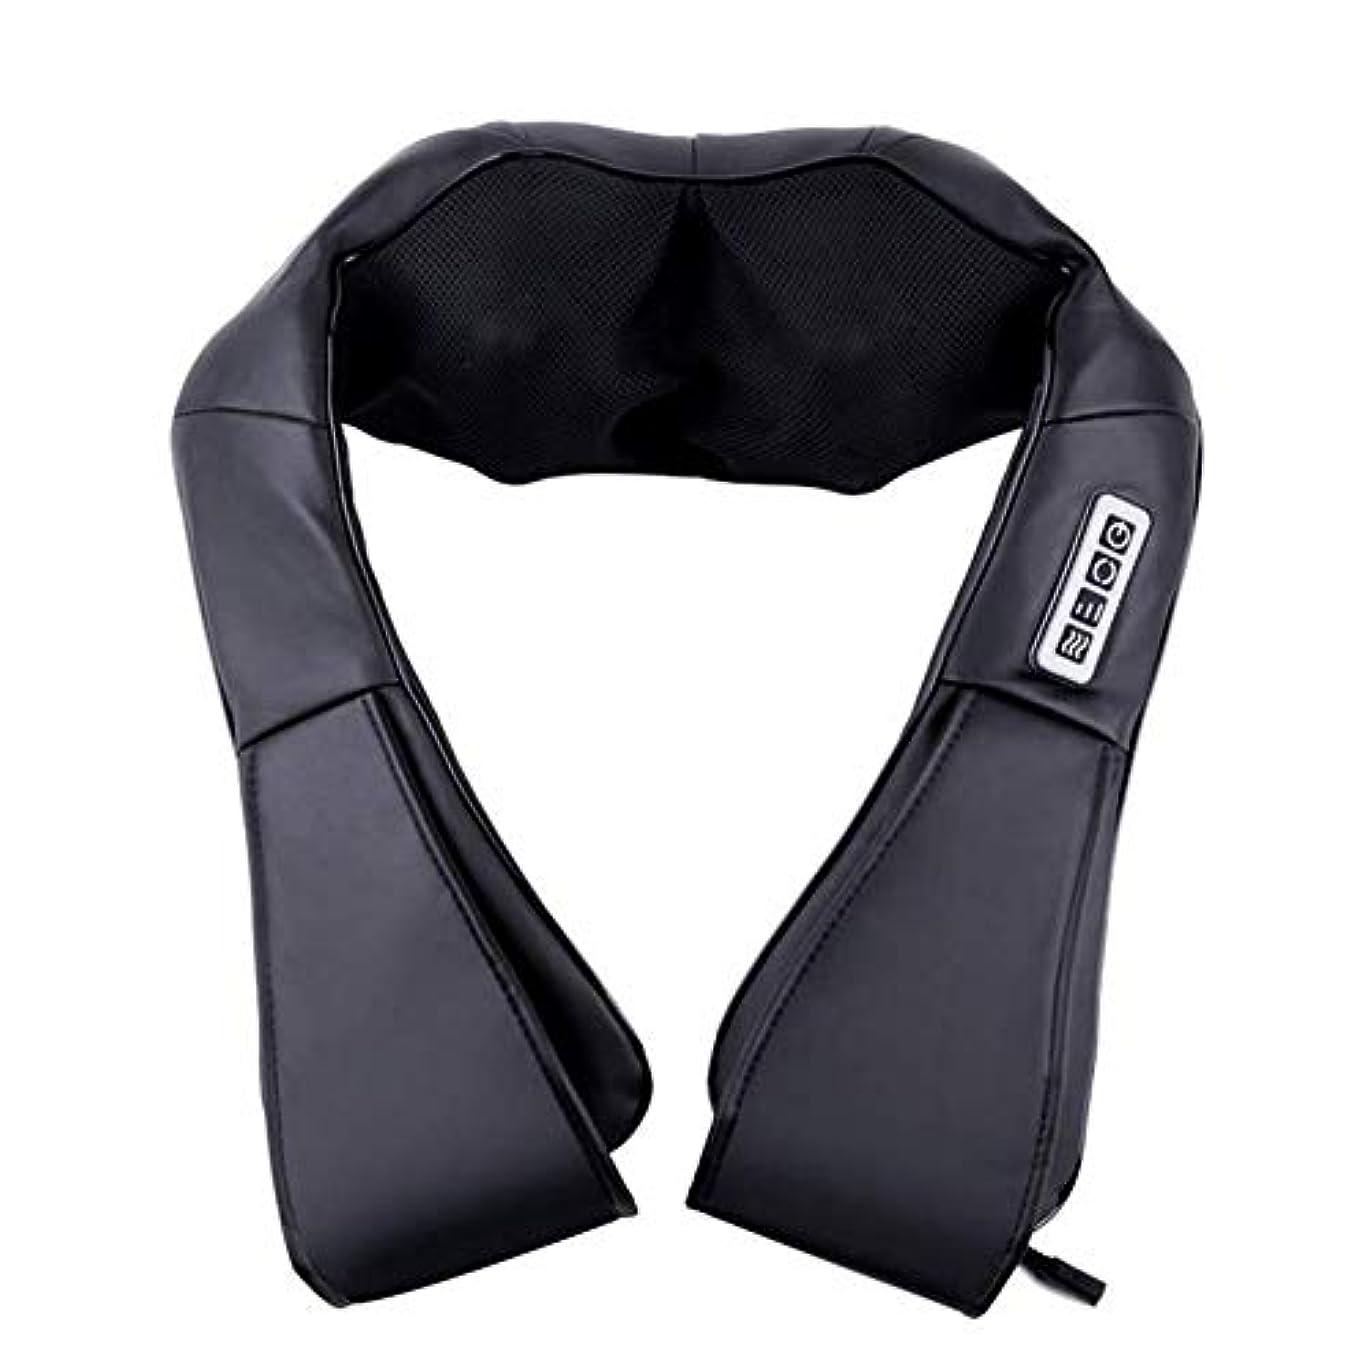 ガラス泳ぐ征服者ポータブルネックマッサージャー、三段調節指圧ショルダー&バックマッサージャー、熱ディープニーディングマッサージ、肌にやさしいPUレザー、通気性のあるメッシュクロス、家庭用/車のデュアルユース,Black